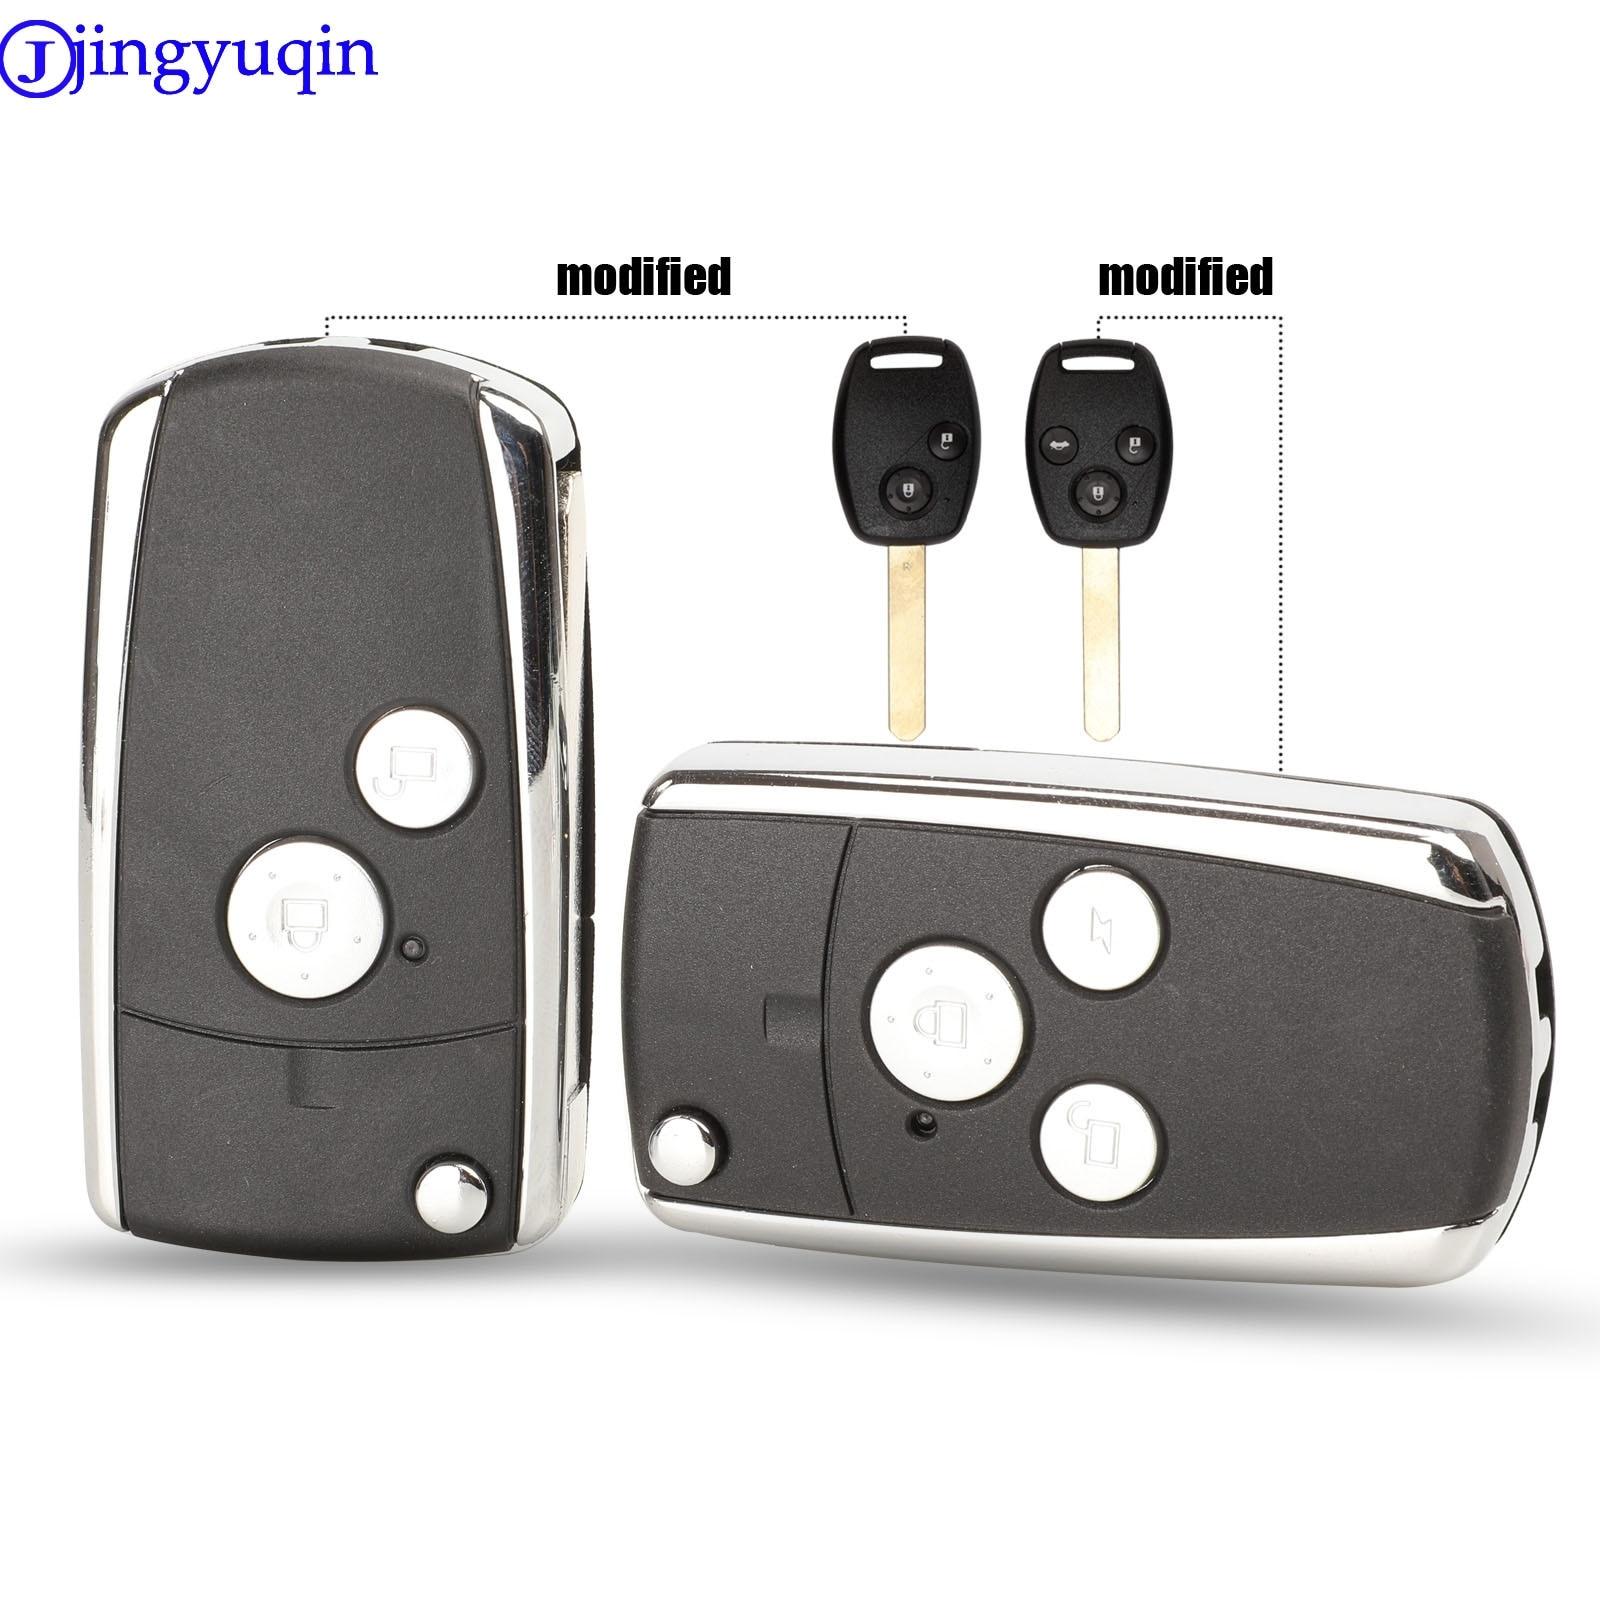 Jingyuqin 2/3 botões novo estilo flip dobrável caso chave escudo keyless fob capa para honda accord crv civic odyssey piloto